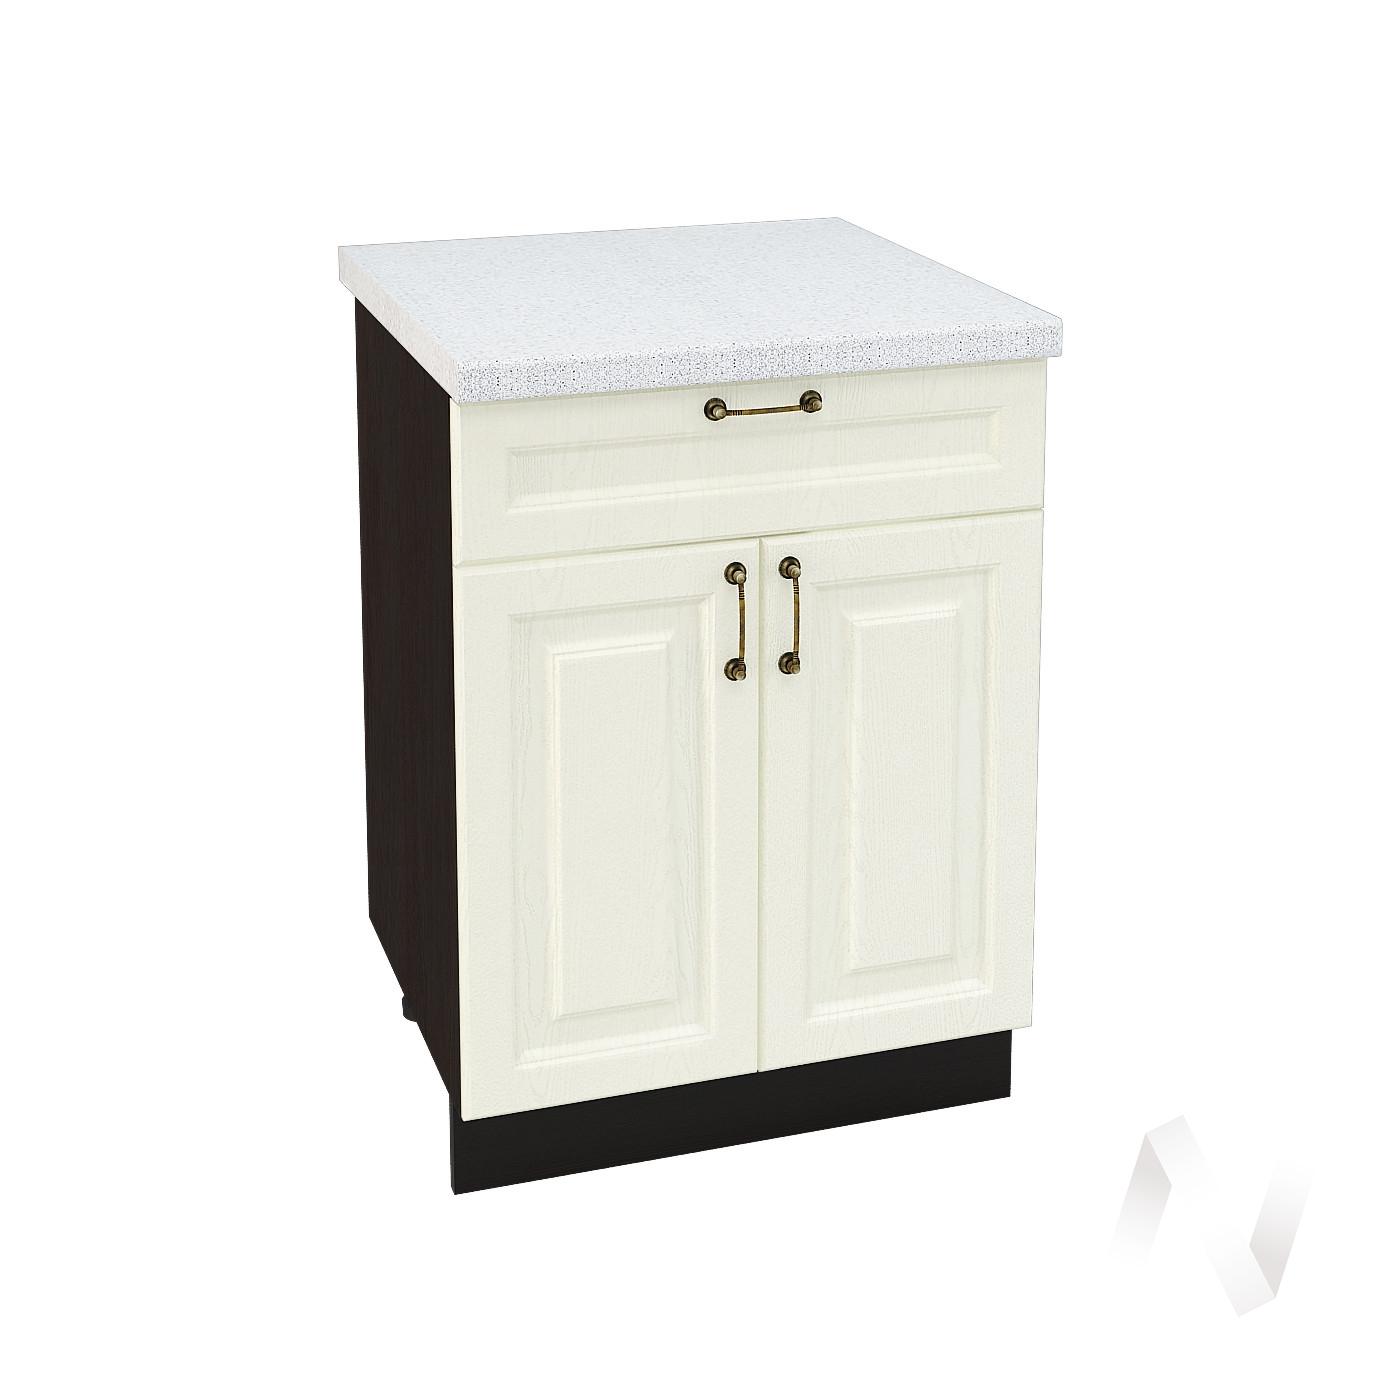 """Кухня """"Ницца"""": Шкаф нижний с ящиком 600, ШН1Я 600 М (Крем/корпус венге)"""